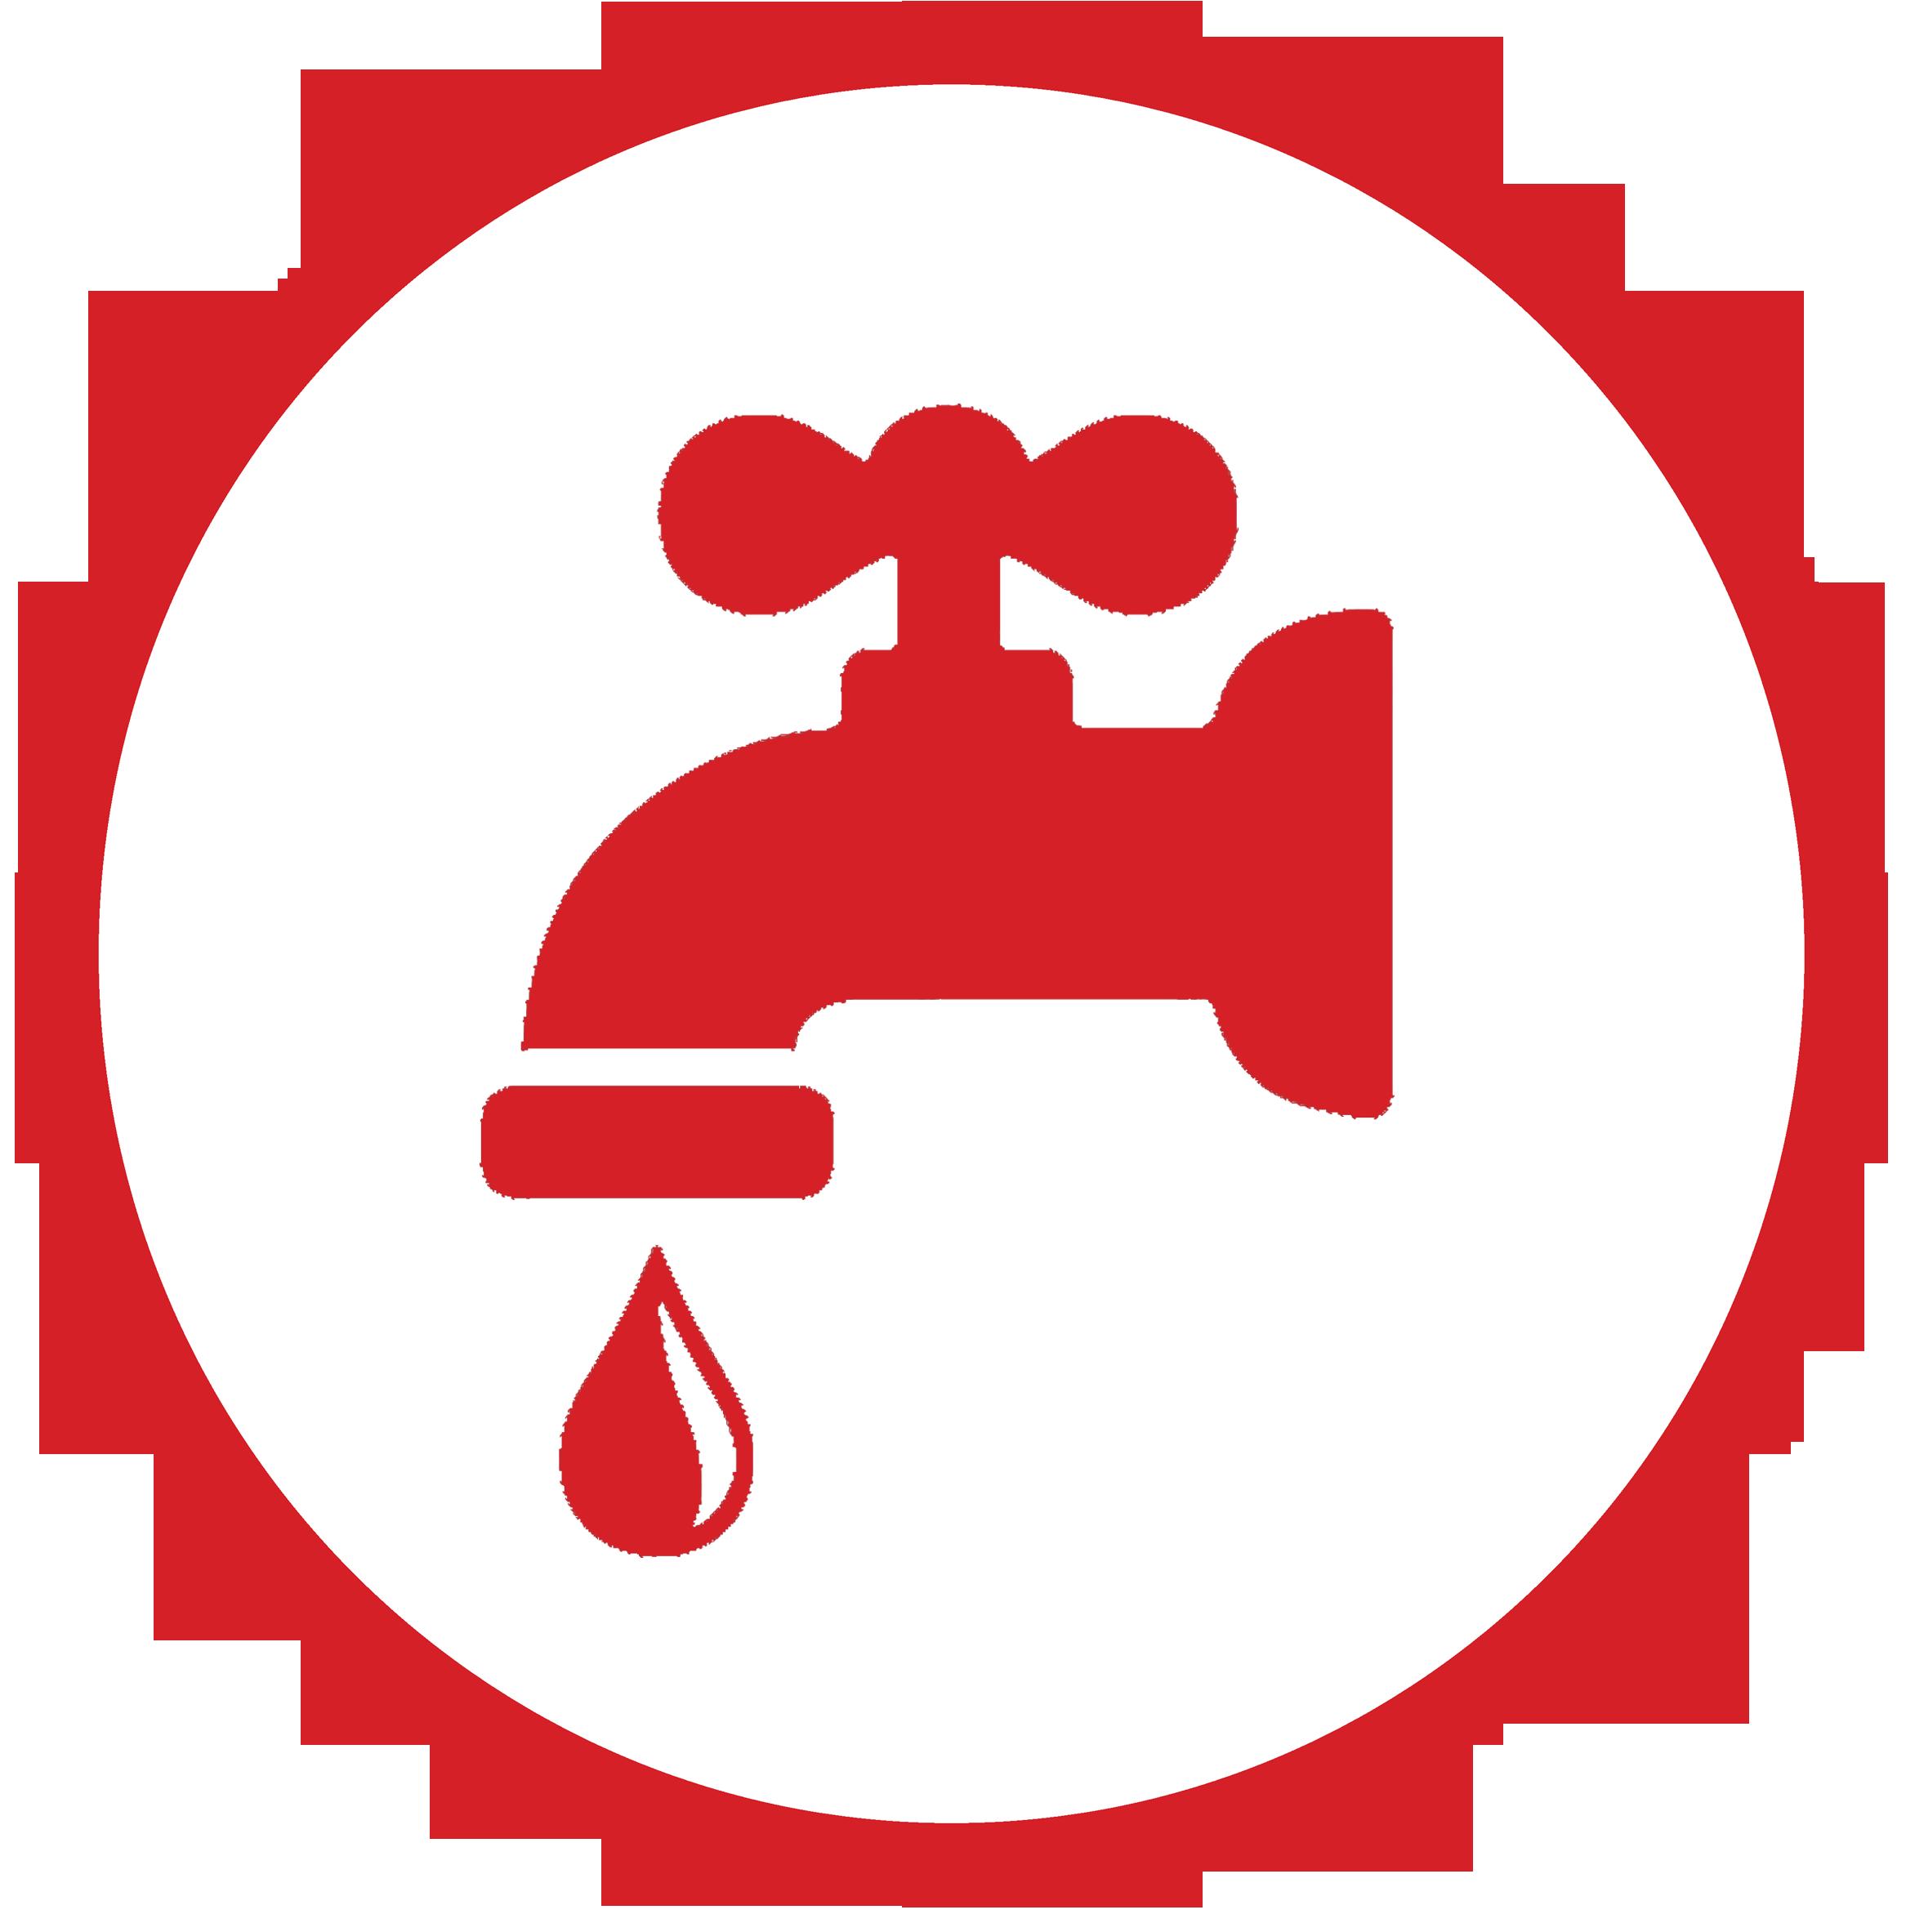 Informacja na temat jakości wodzie pitnej - aktualizacja